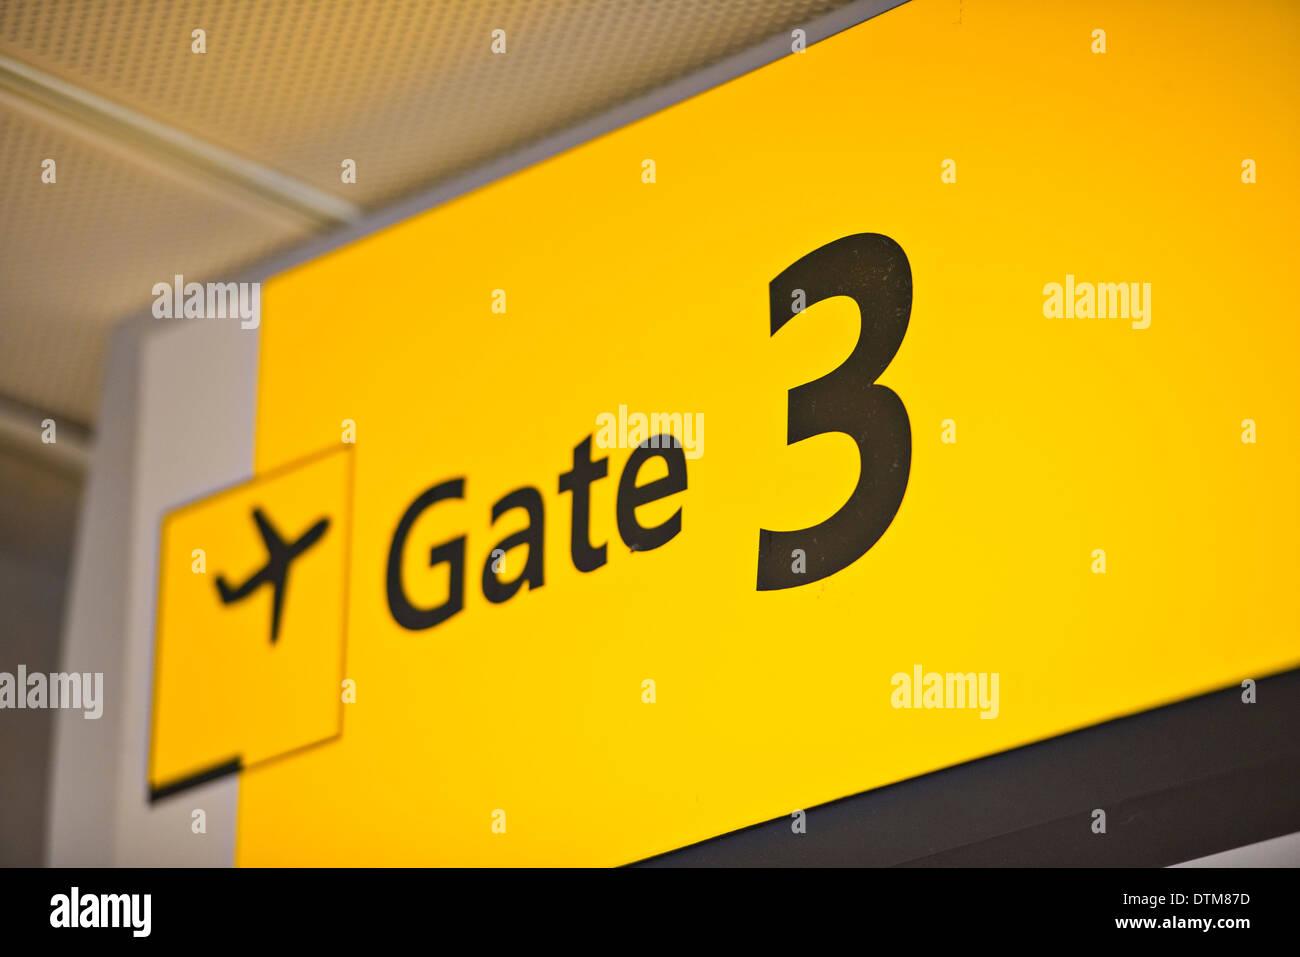 Gate 3 connexion à un aéroport. Photo Stock